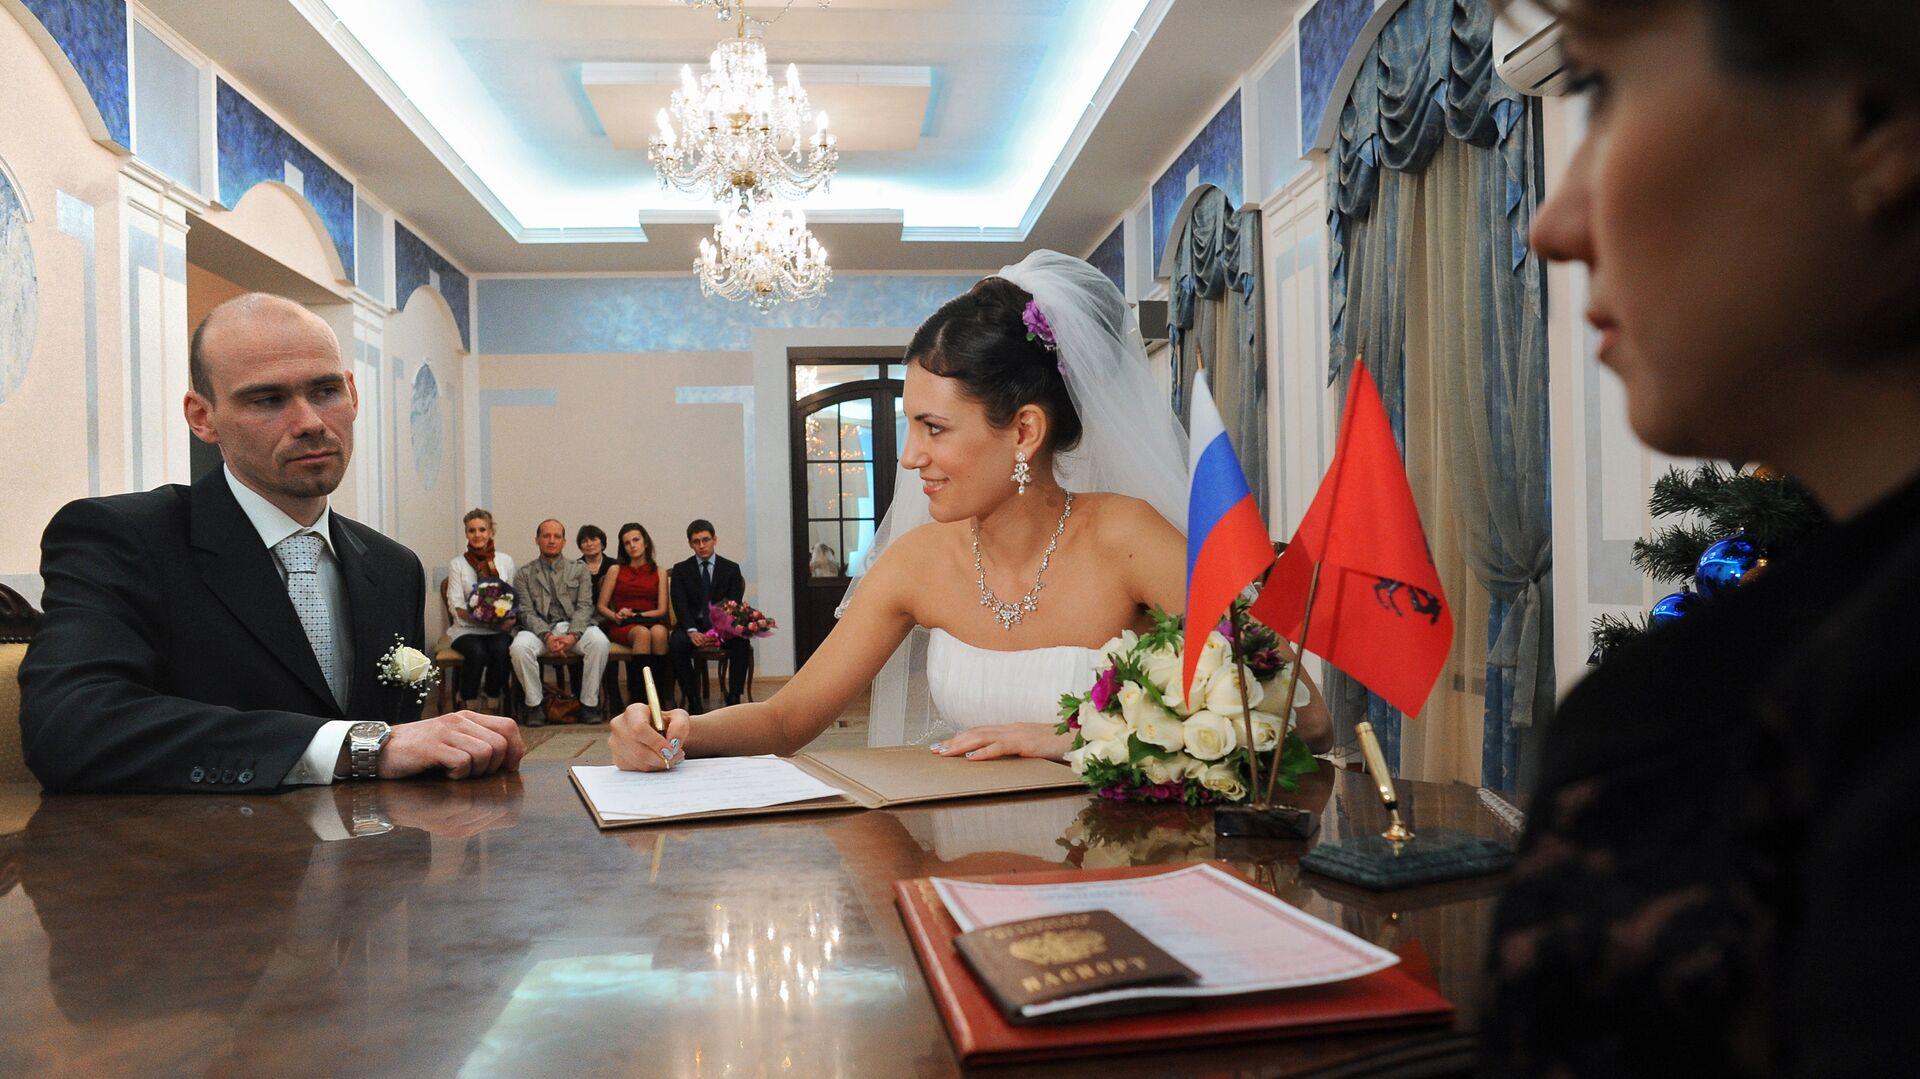 Регистрация браков в день 12.12.12 - РИА Новости, 1920, 09.03.2017